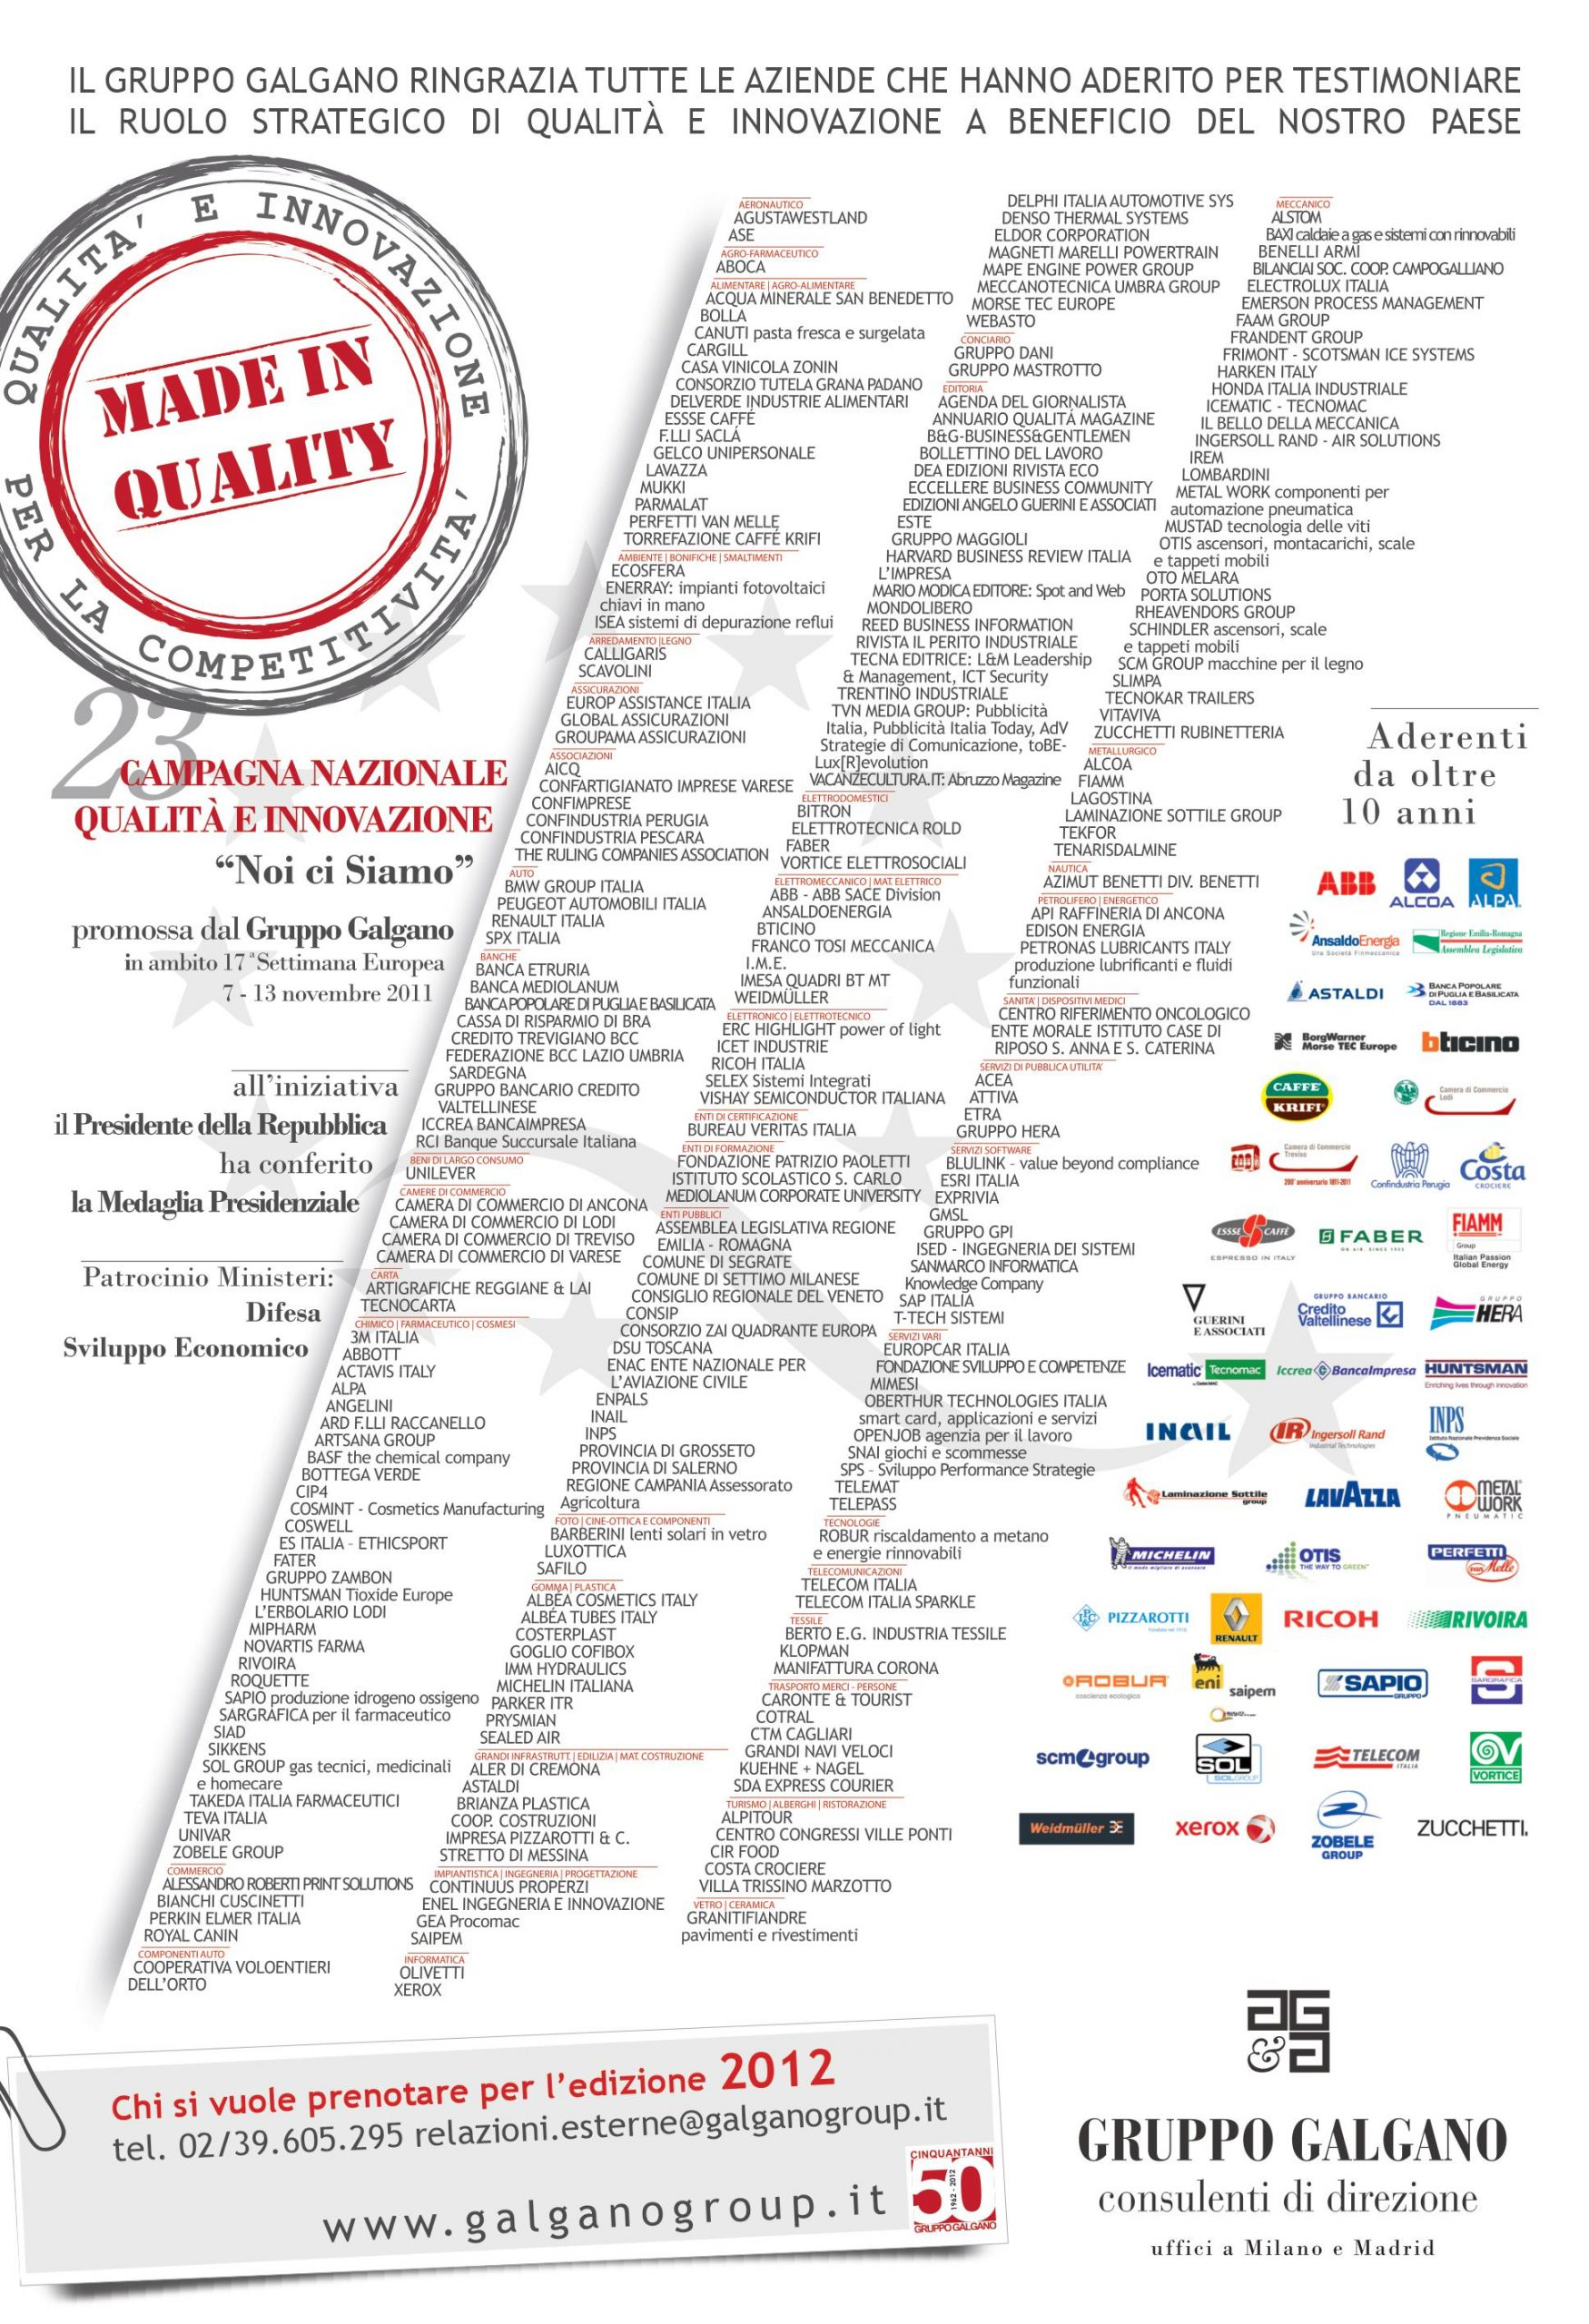 Campagna Nazionale Qualità 2011